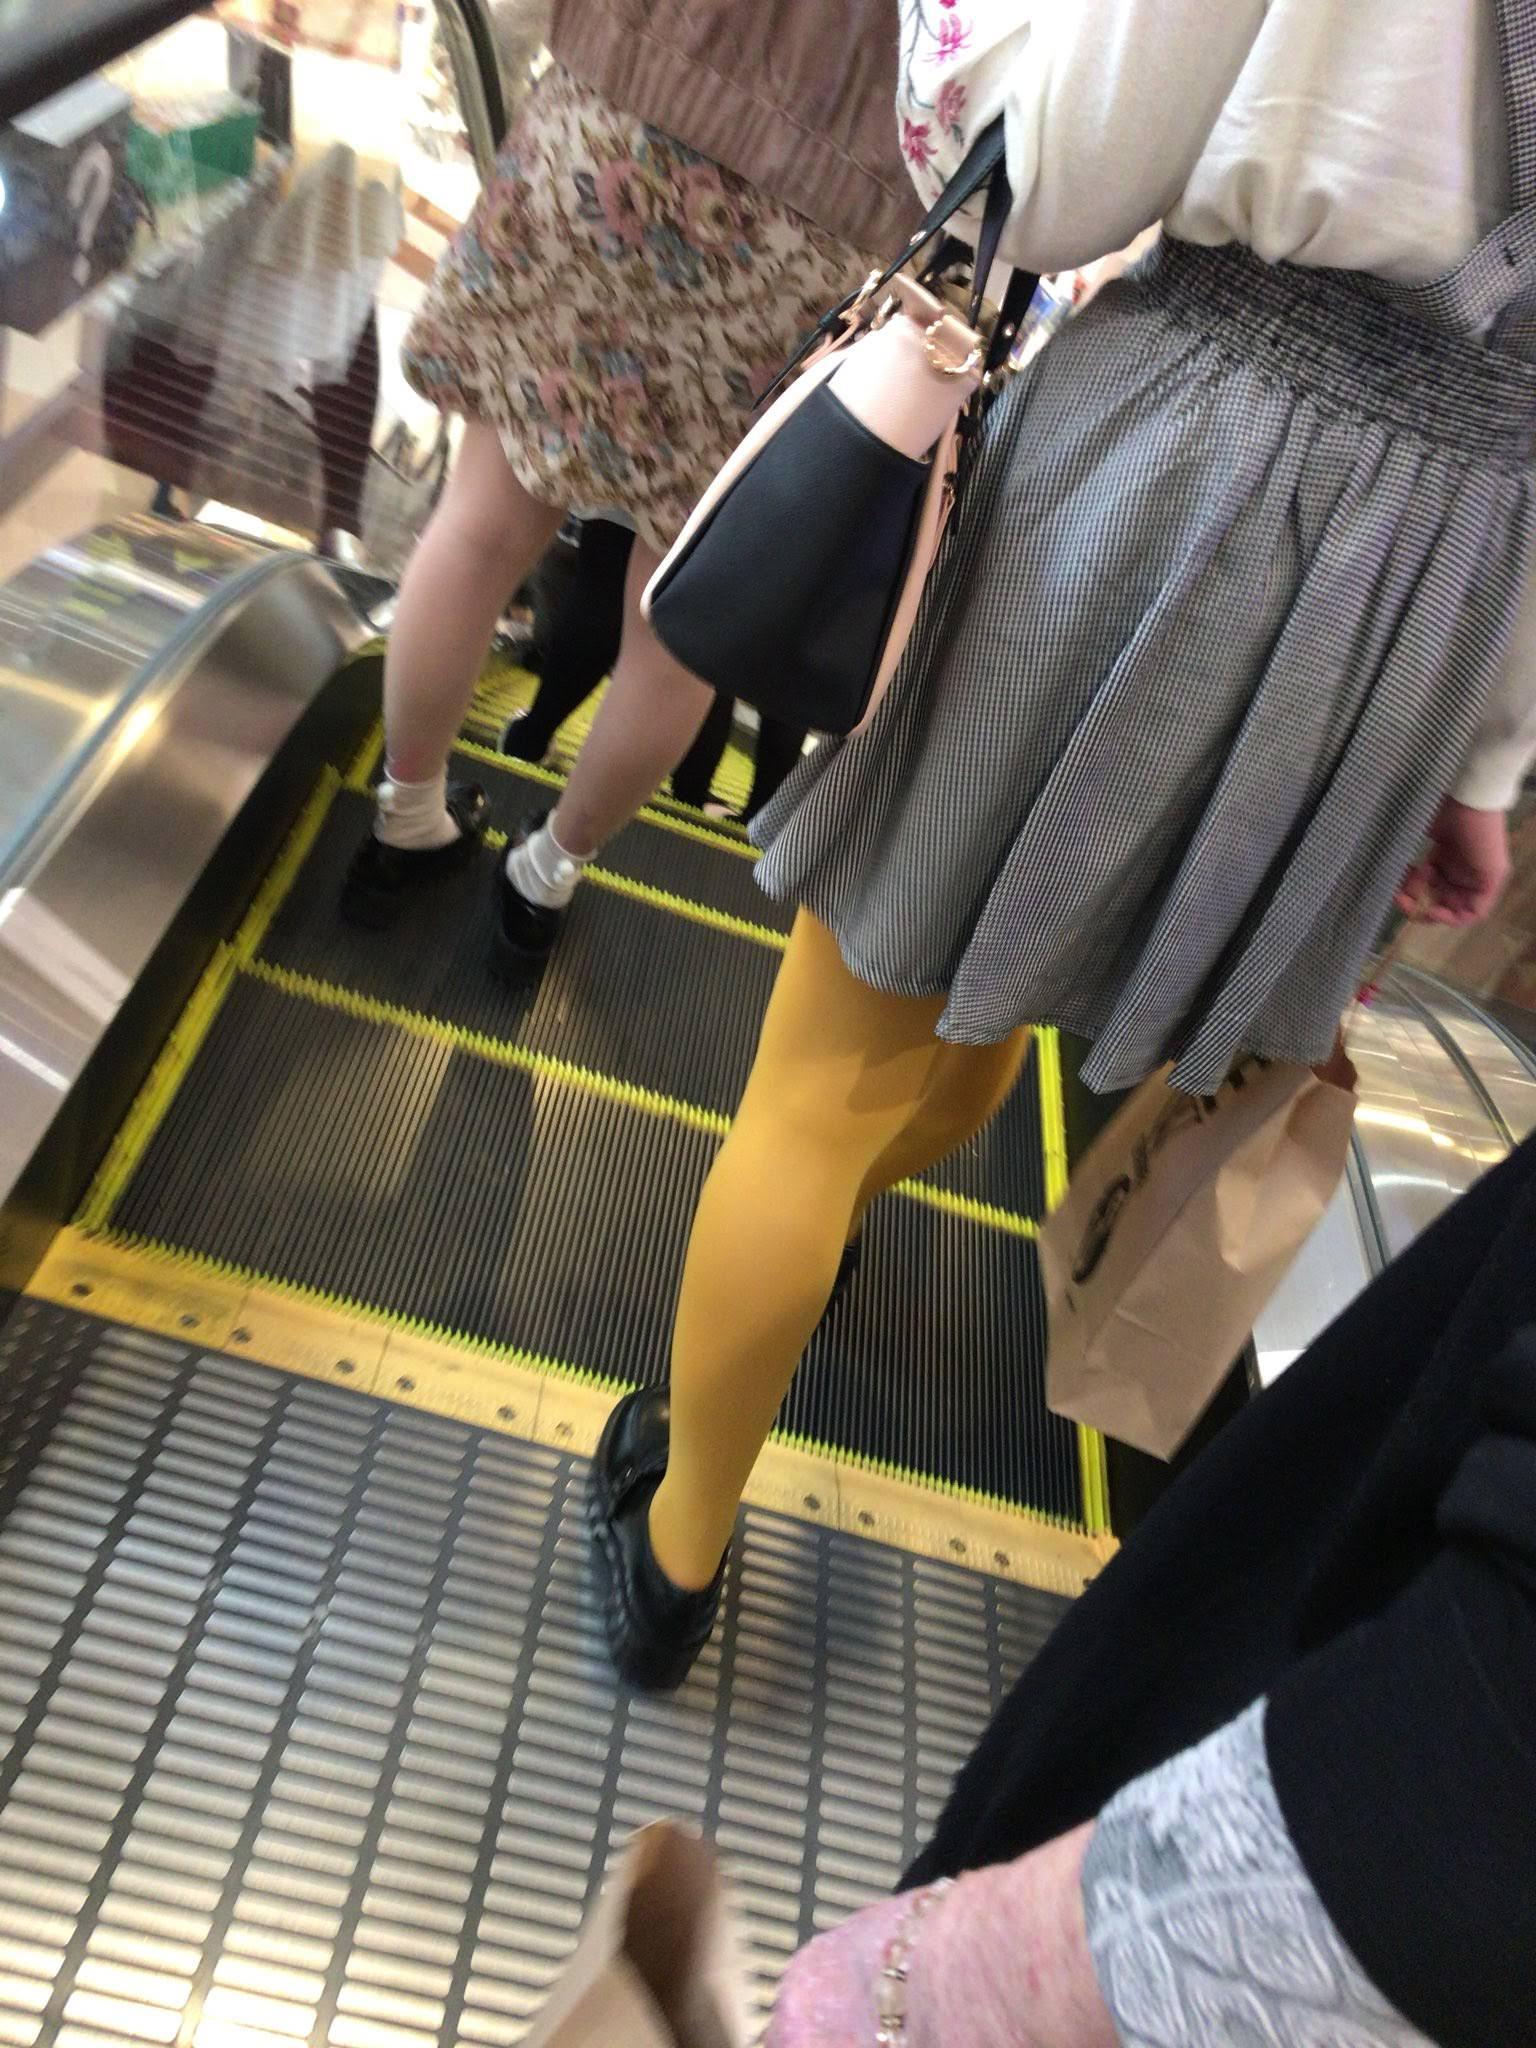 ストッキングを履く女の子について熱く語ろう。 Ifx3X4e